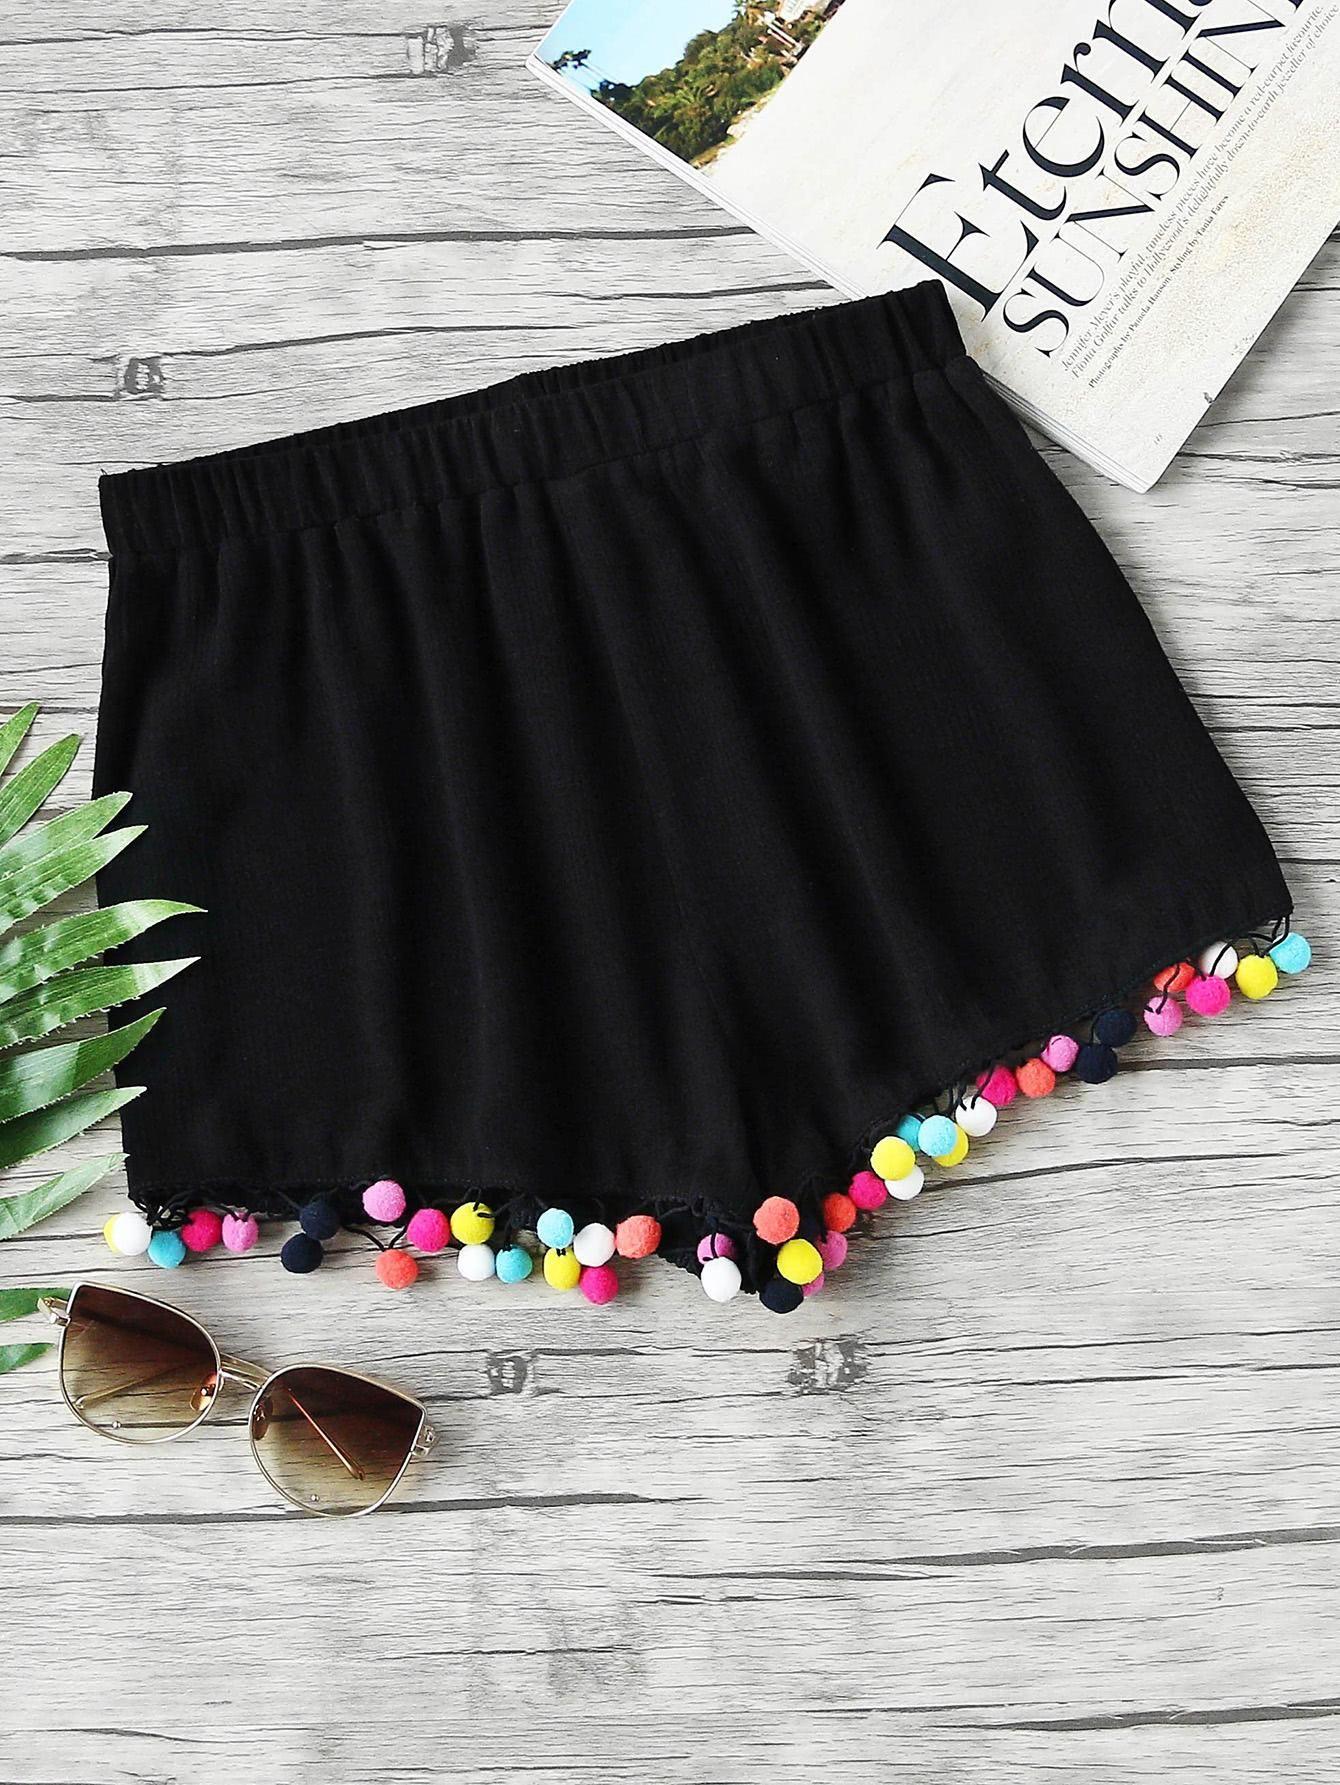 MakeMeChic - MAKEMECHIC Colorful Pom Pom Trim Elastic Waist Shorts - AdoreWe.com